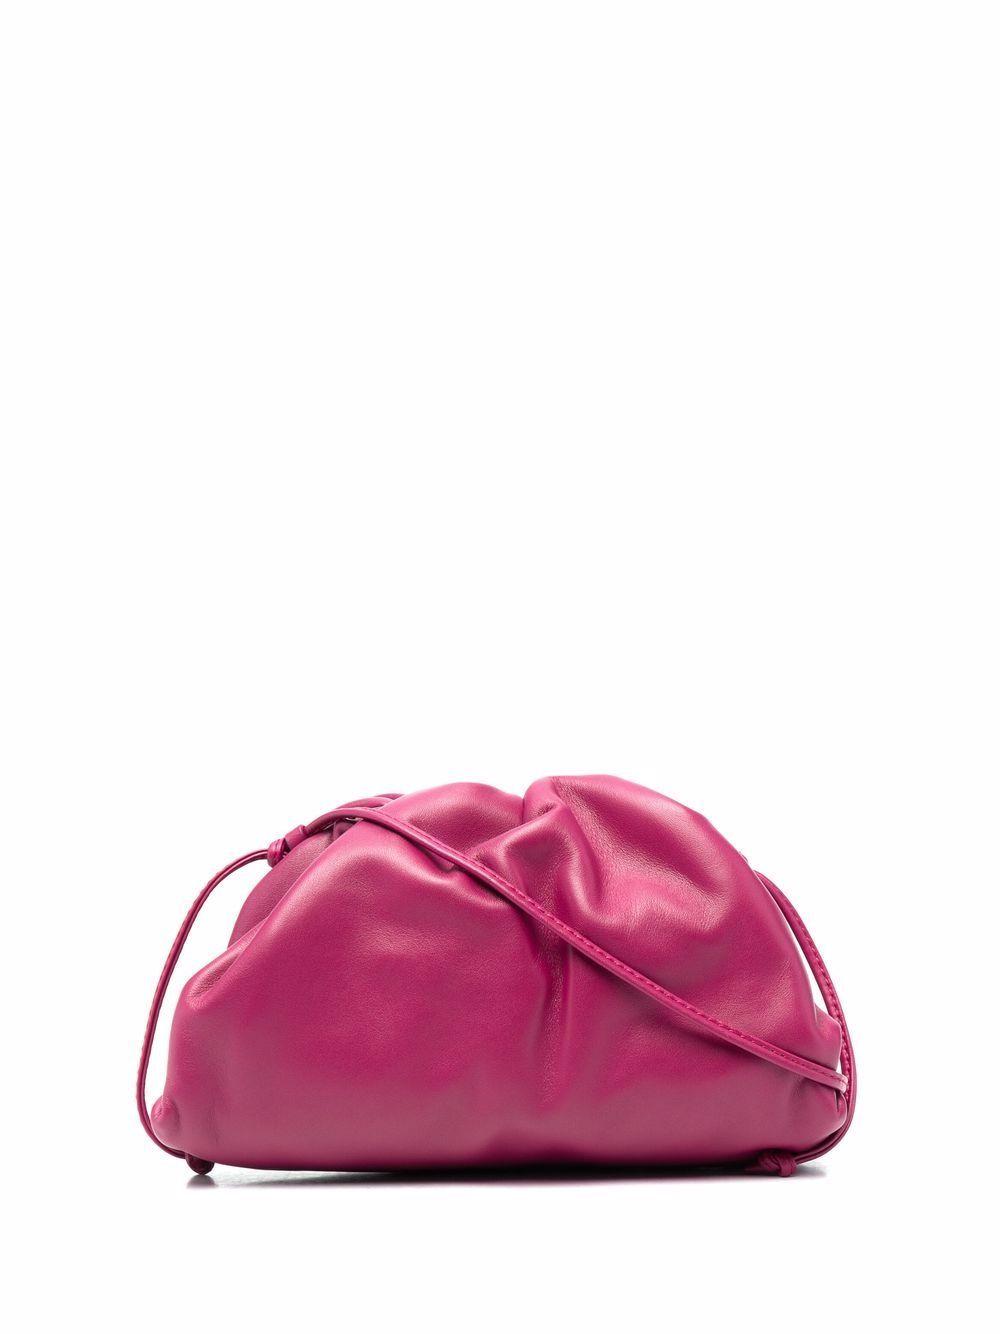 The pouch mini